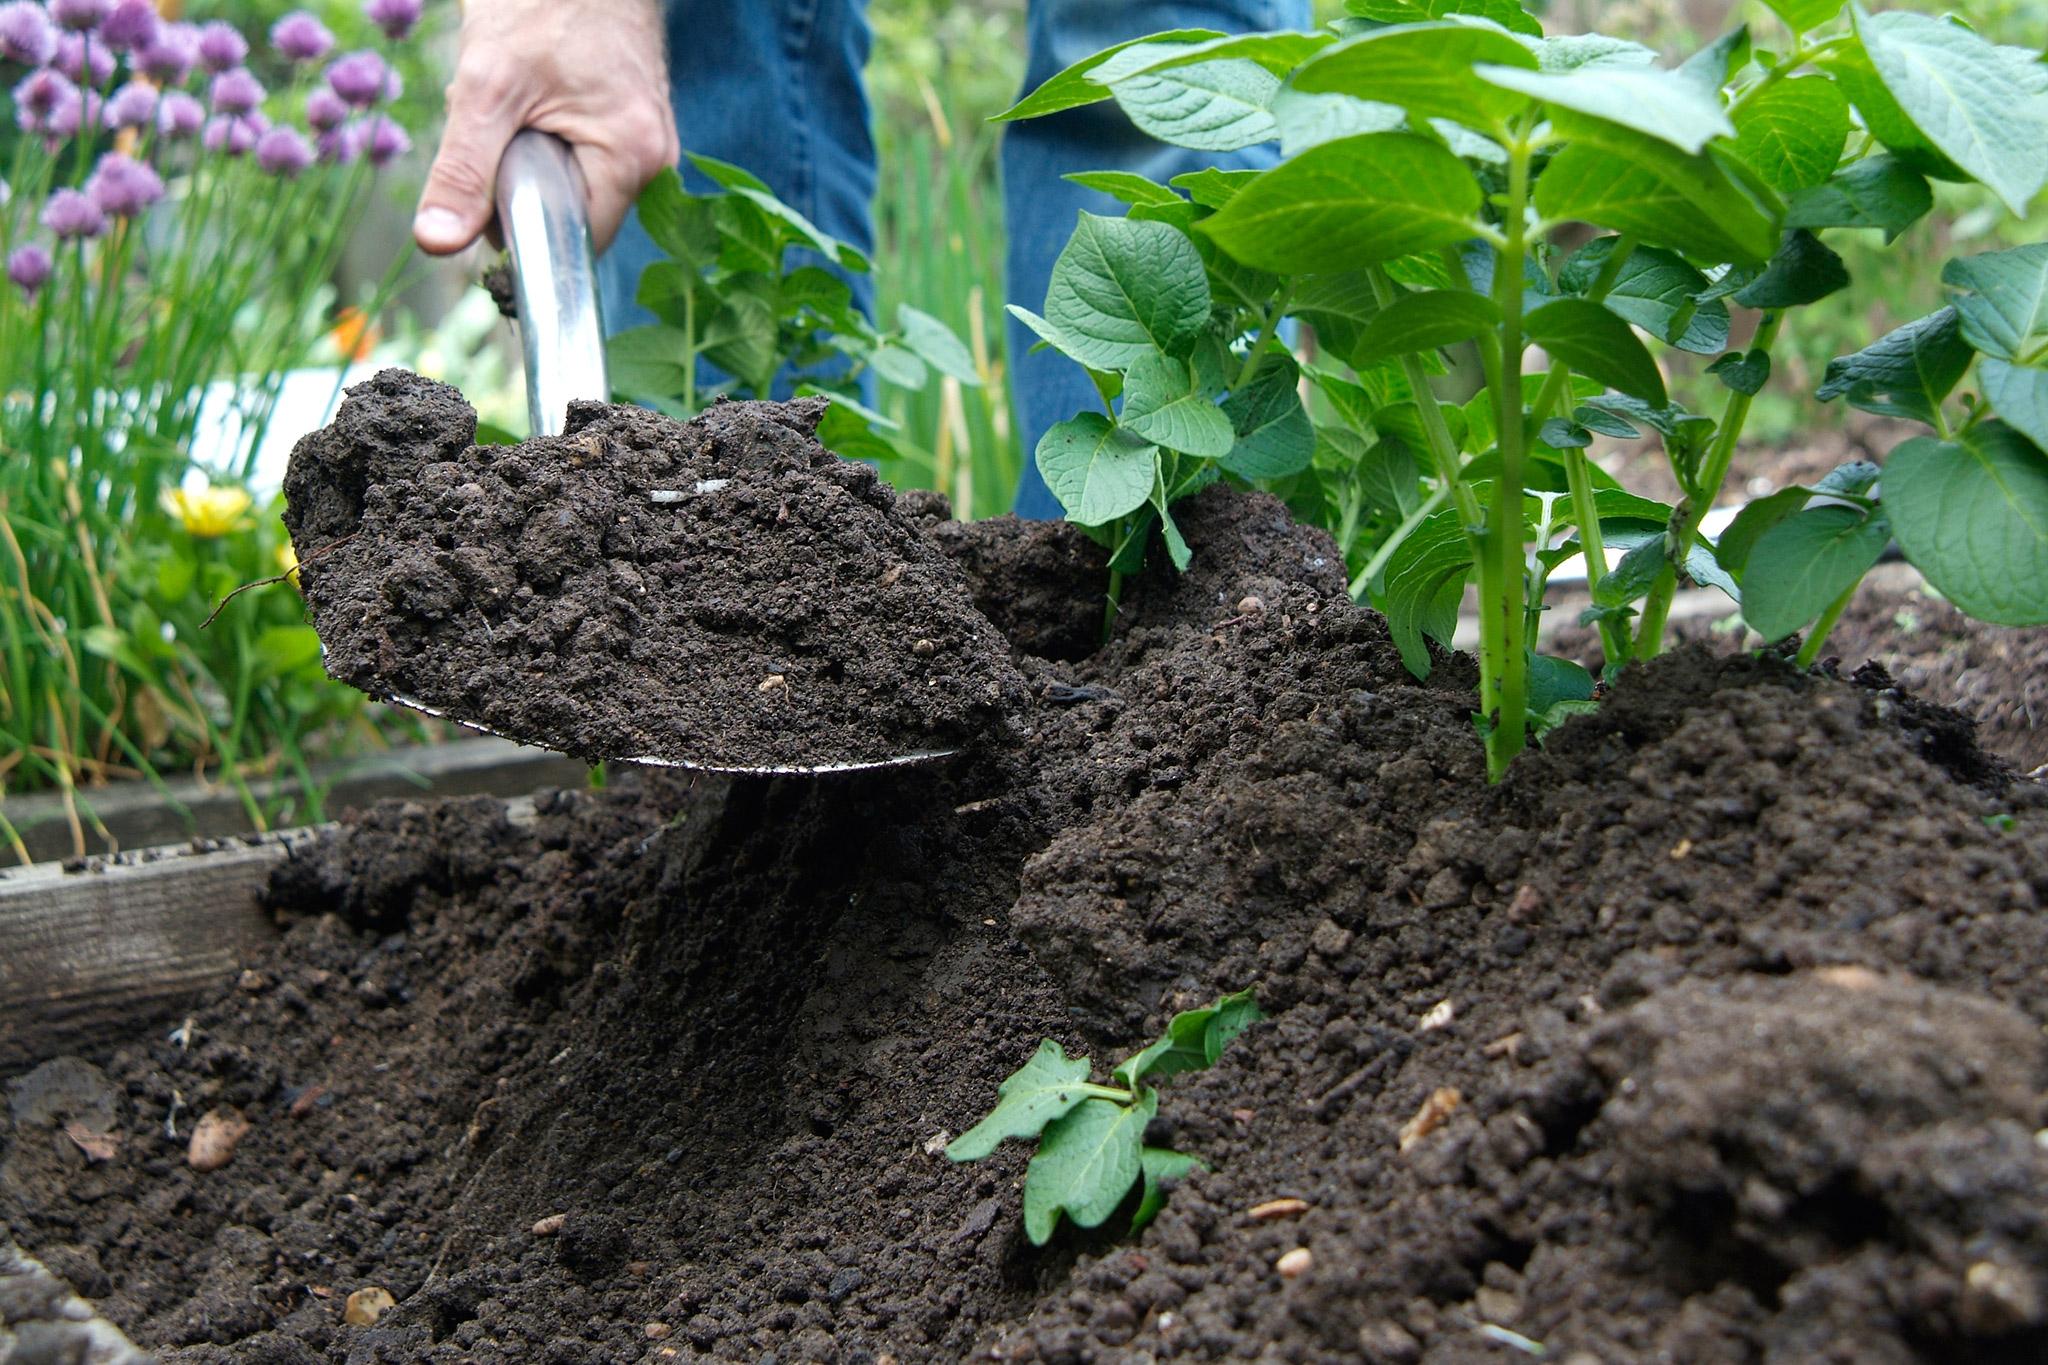 earthing-up-potatoes-6